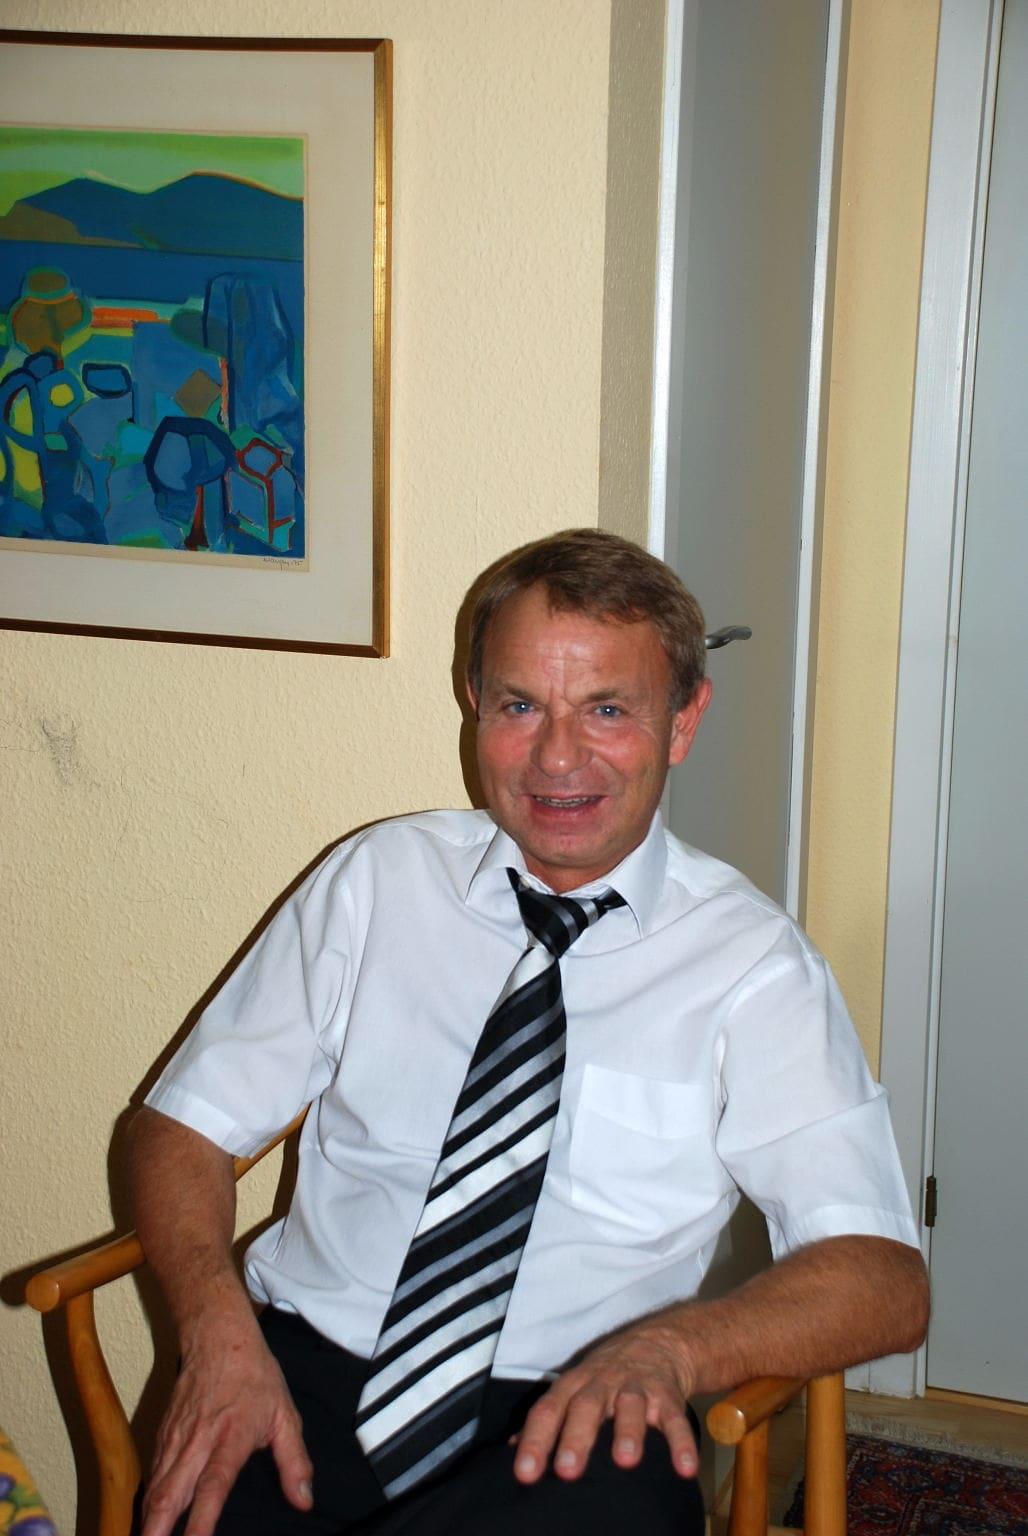 Jørgen From Hørsholm, Denmark